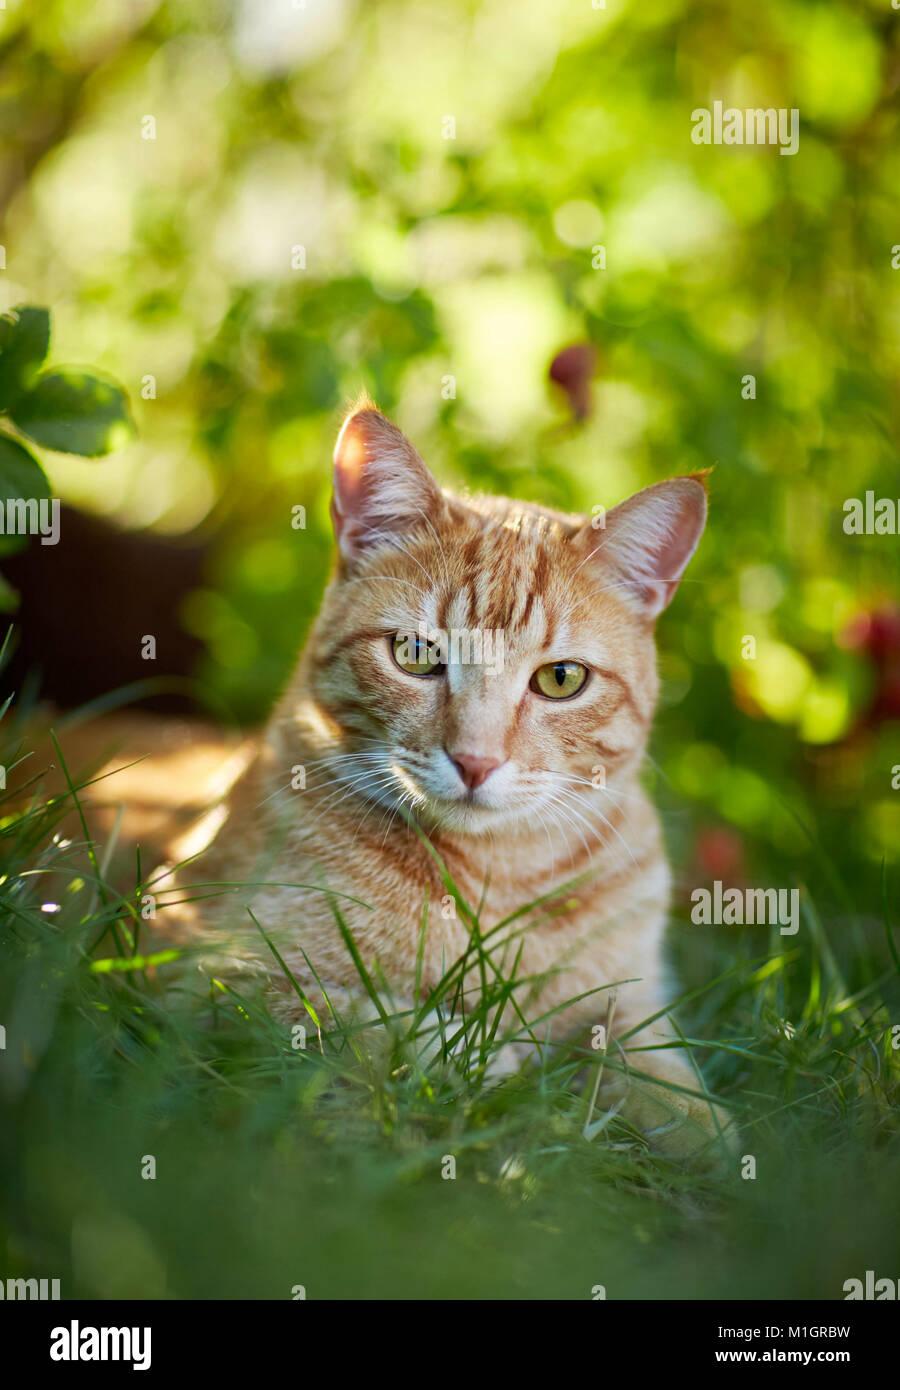 Il gatto domestico. Rosso tabby adulto giacente in erba. Germania. Immagini Stock